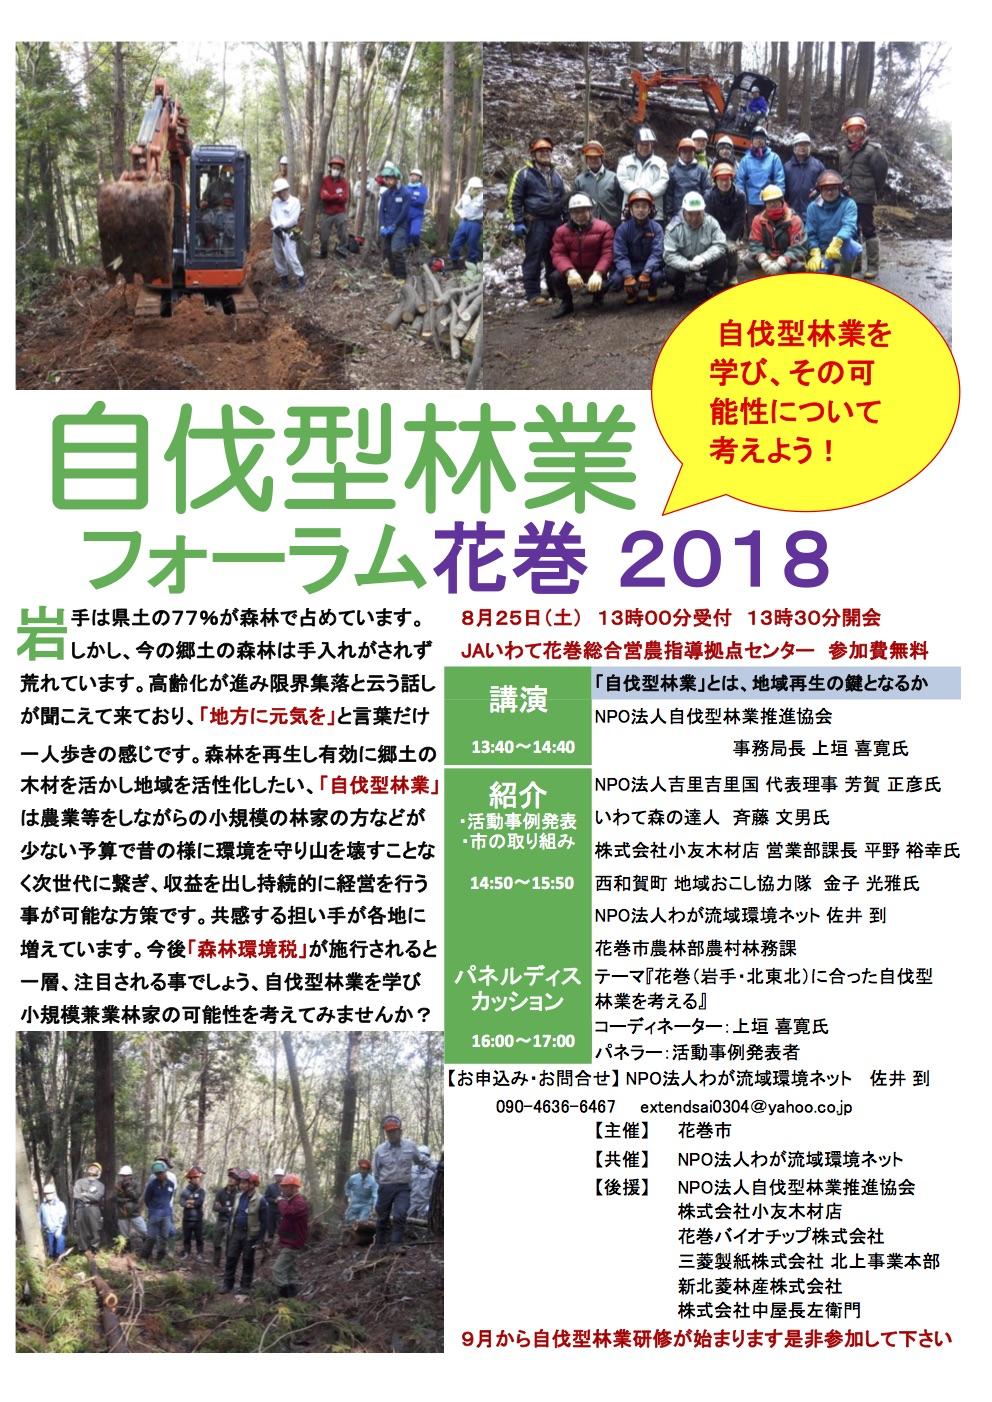 岩手県花巻市で8月25日に「自伐型林業フォーラム花巻 2018」が開催されます。